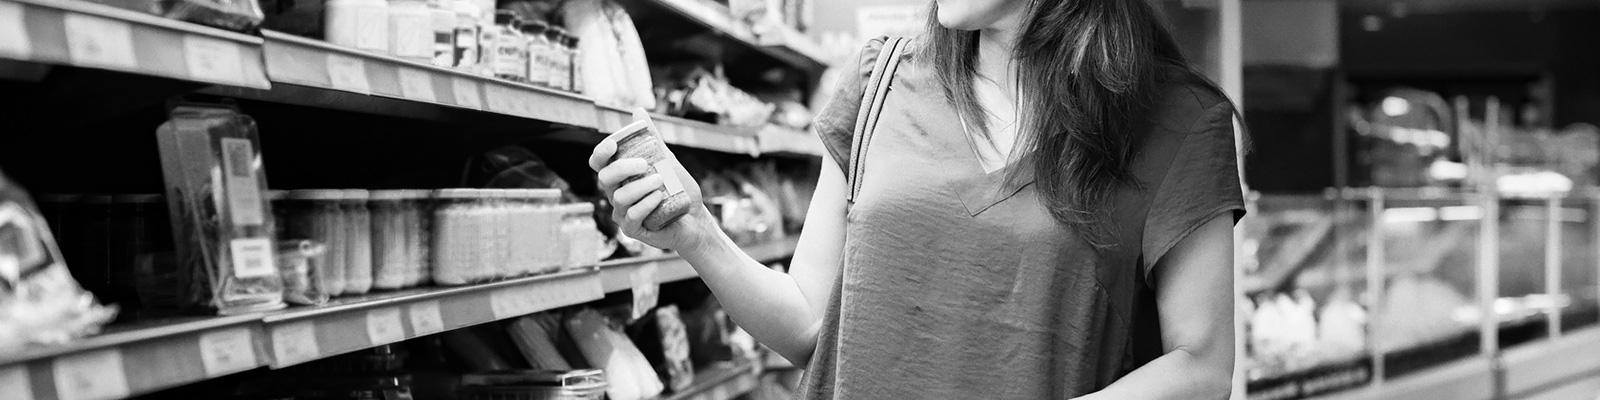 スーパーマーケット 食品 ラベル イメージ